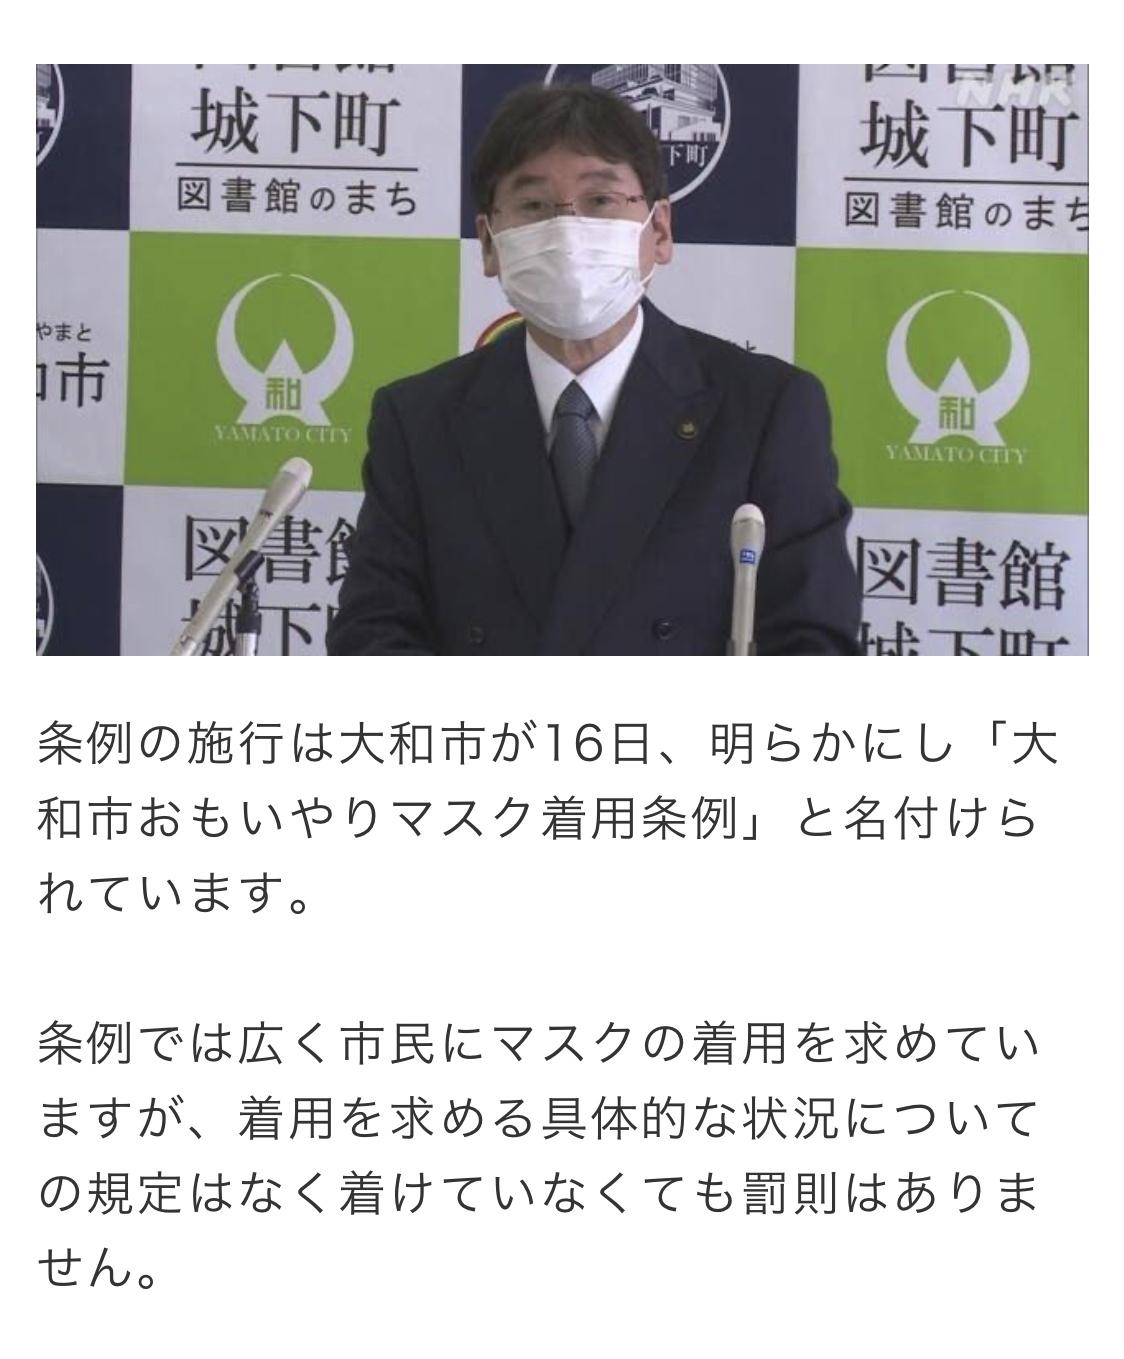 マスク 着用 条例